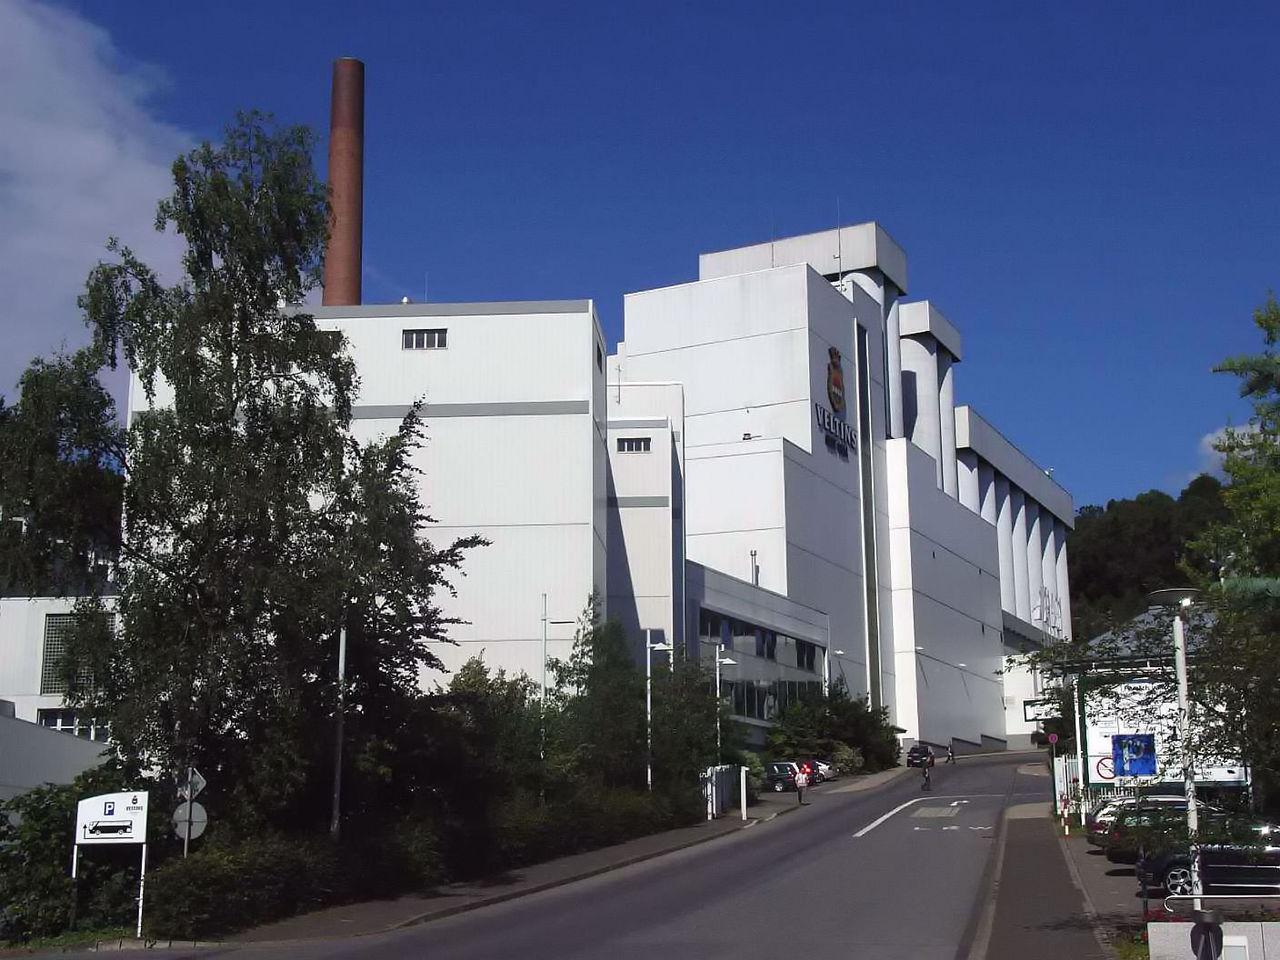 Bild Brauerei Veltins Meschede